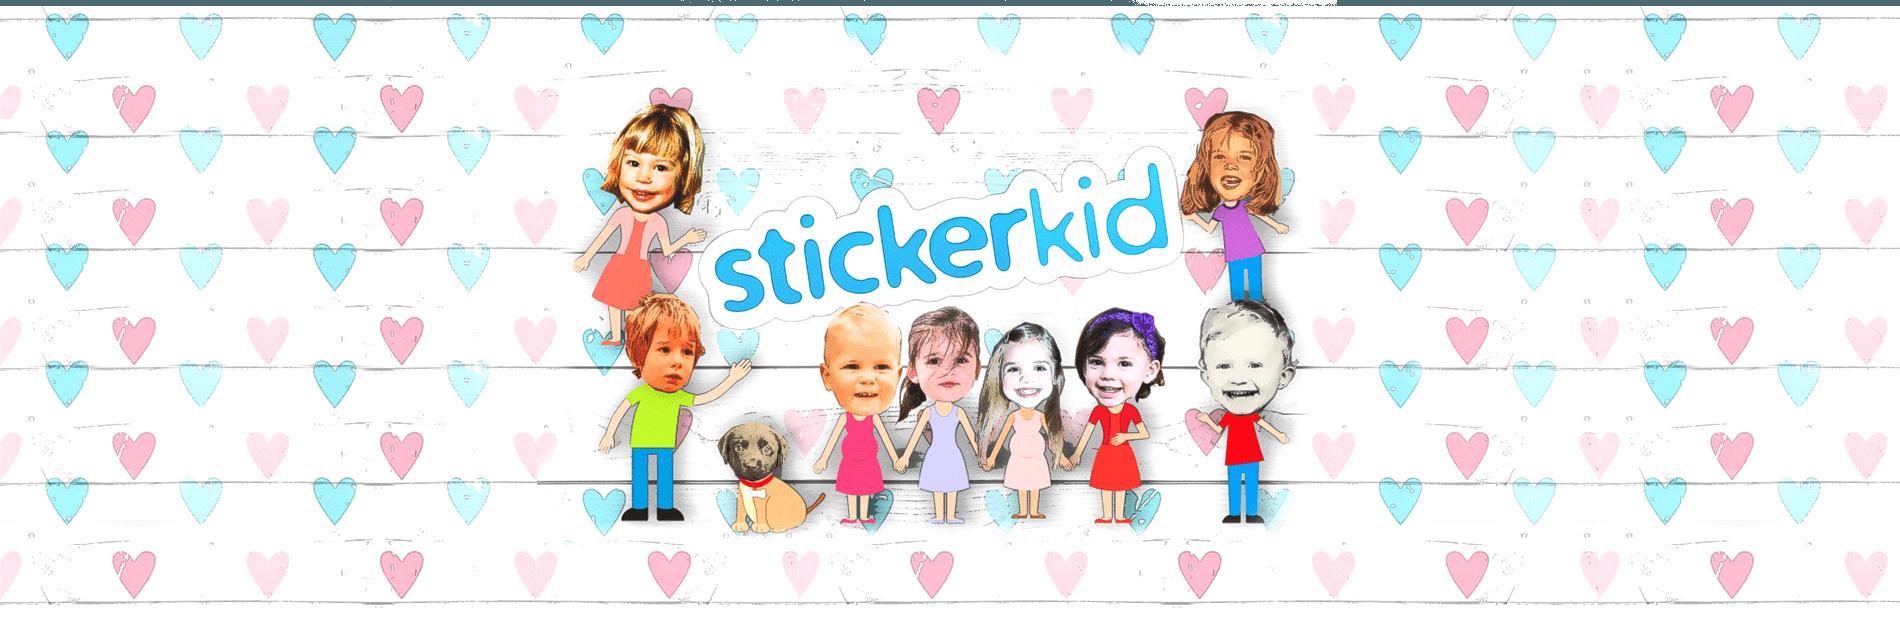 Team Stickerkid